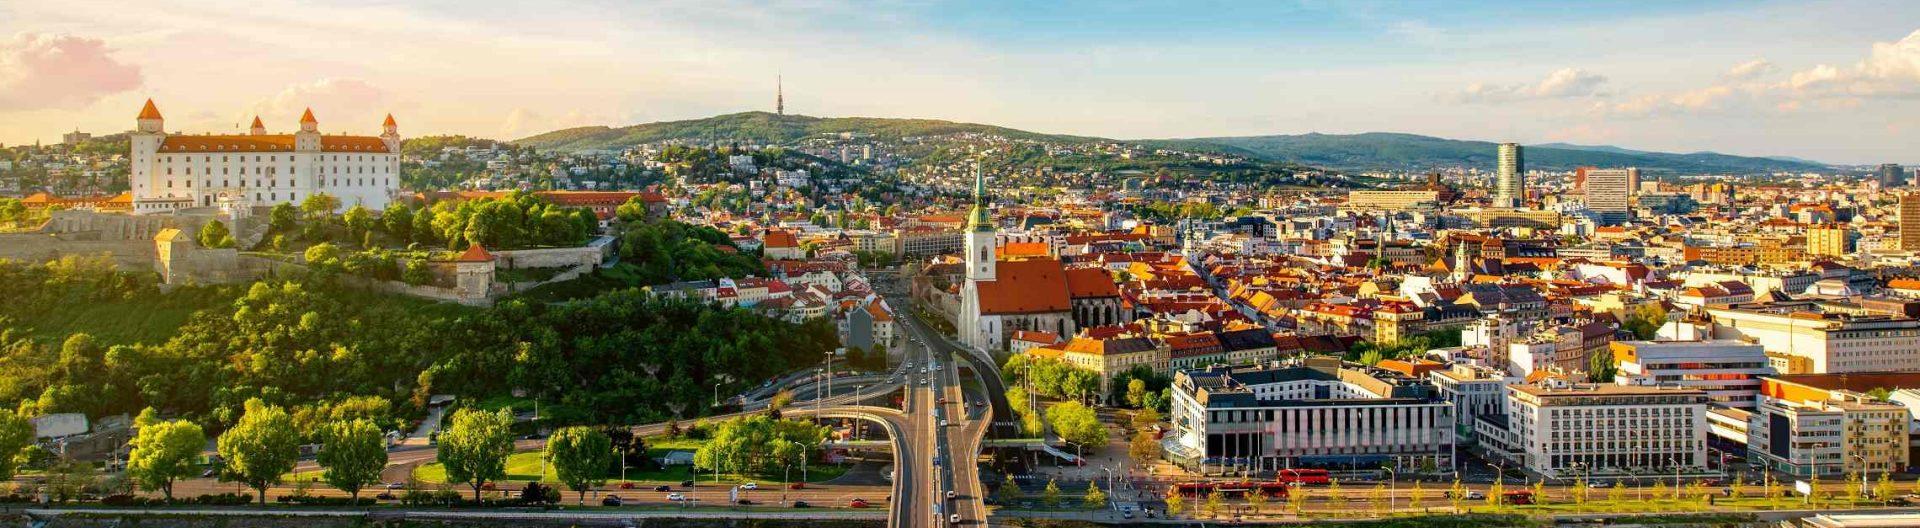 Bratislavan-kaupunki-Slovakia-1920x528.jpg